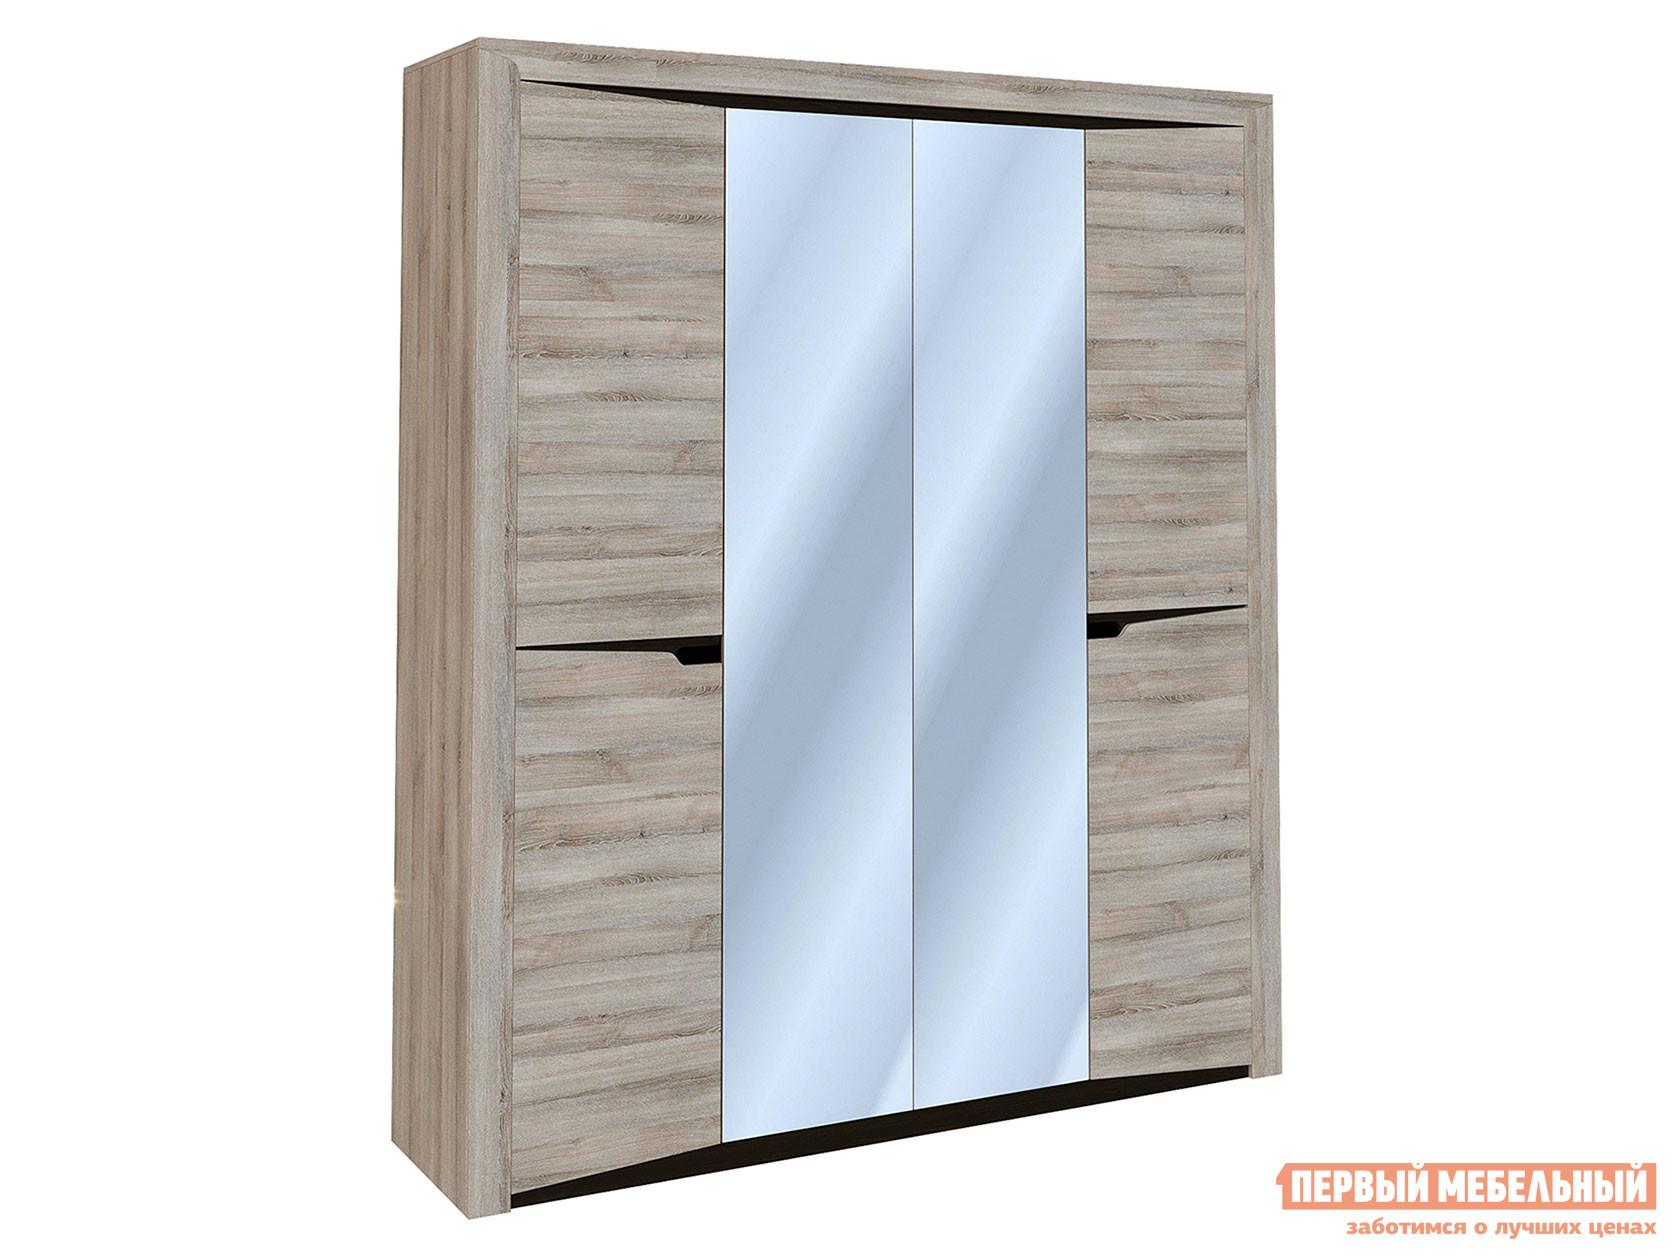 Шкаф распашной Гарда 4-х дверный с зеркалом Ясень Таормино, Без полок фото